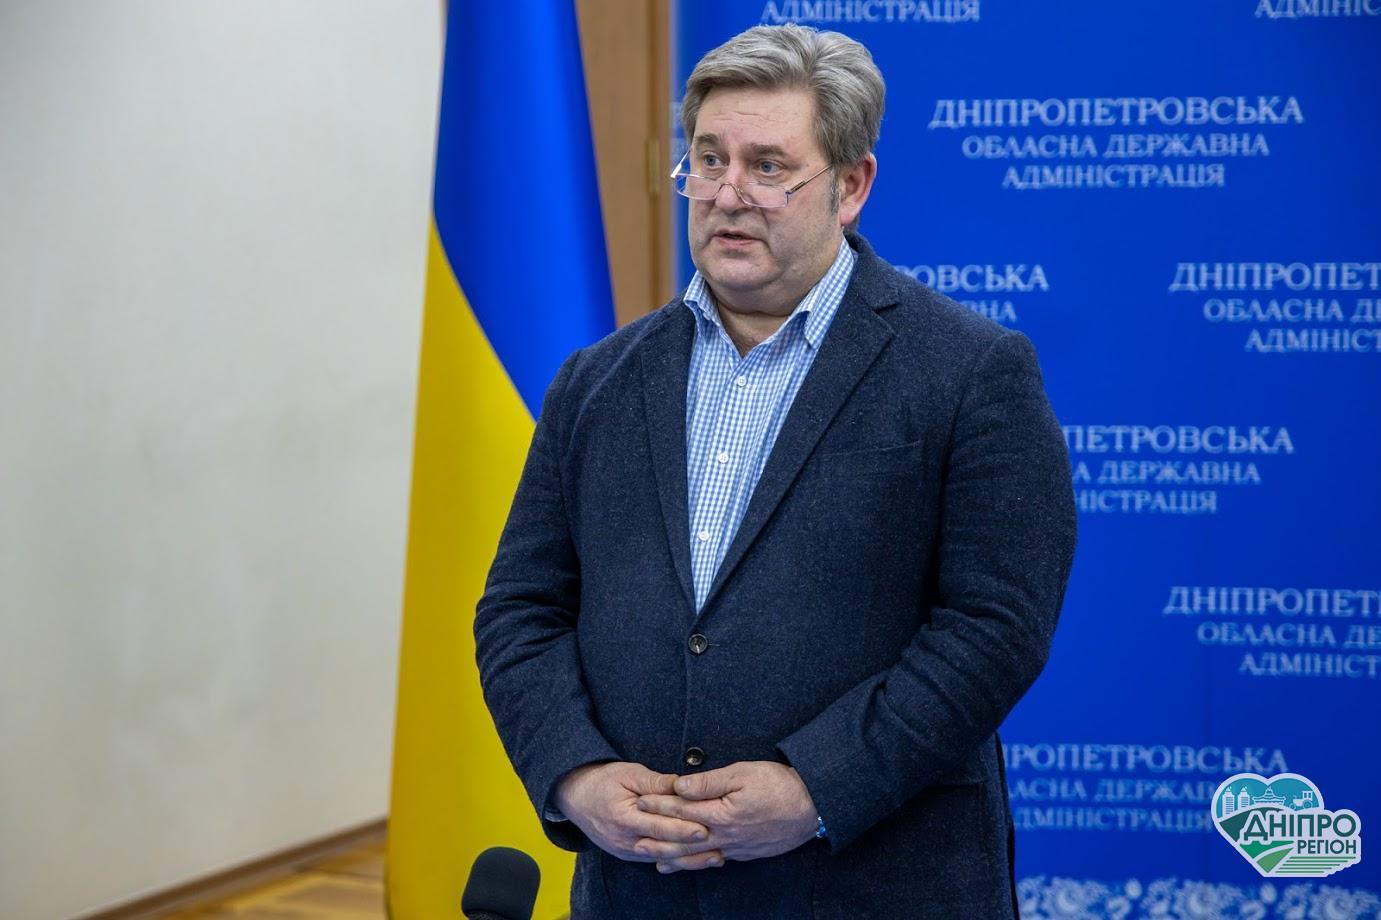 На Дніпропетровщині обирають додаткові госпітальні бази для допомоги хворим на коронавірус